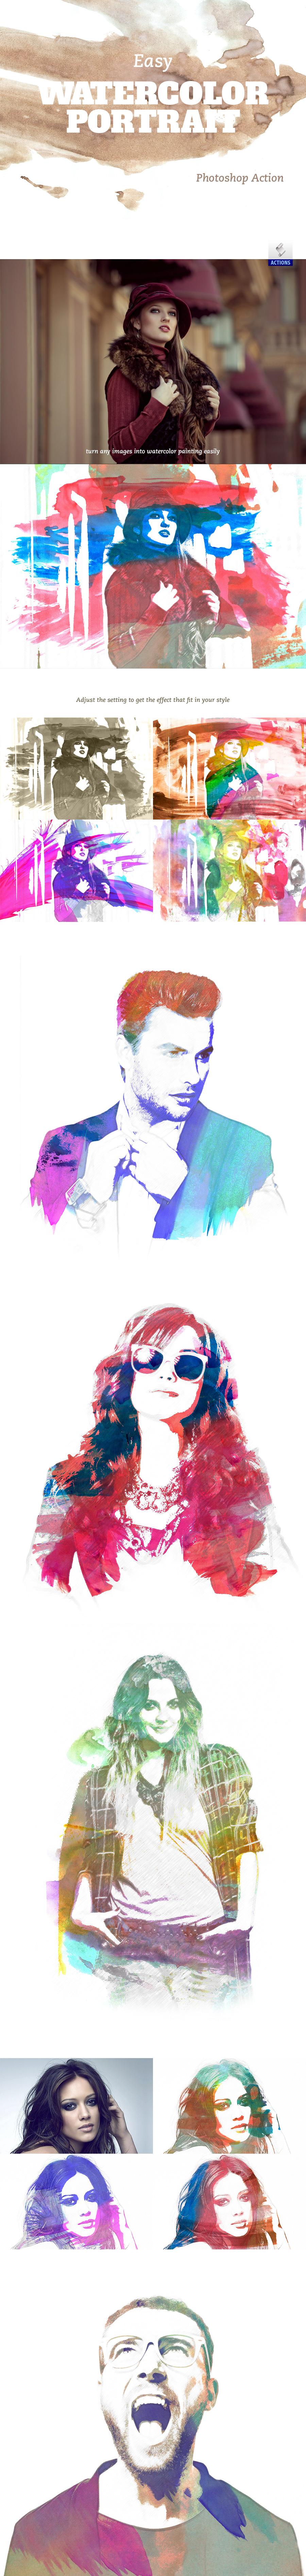 Easy Watercolor Portrait Photoshop Action